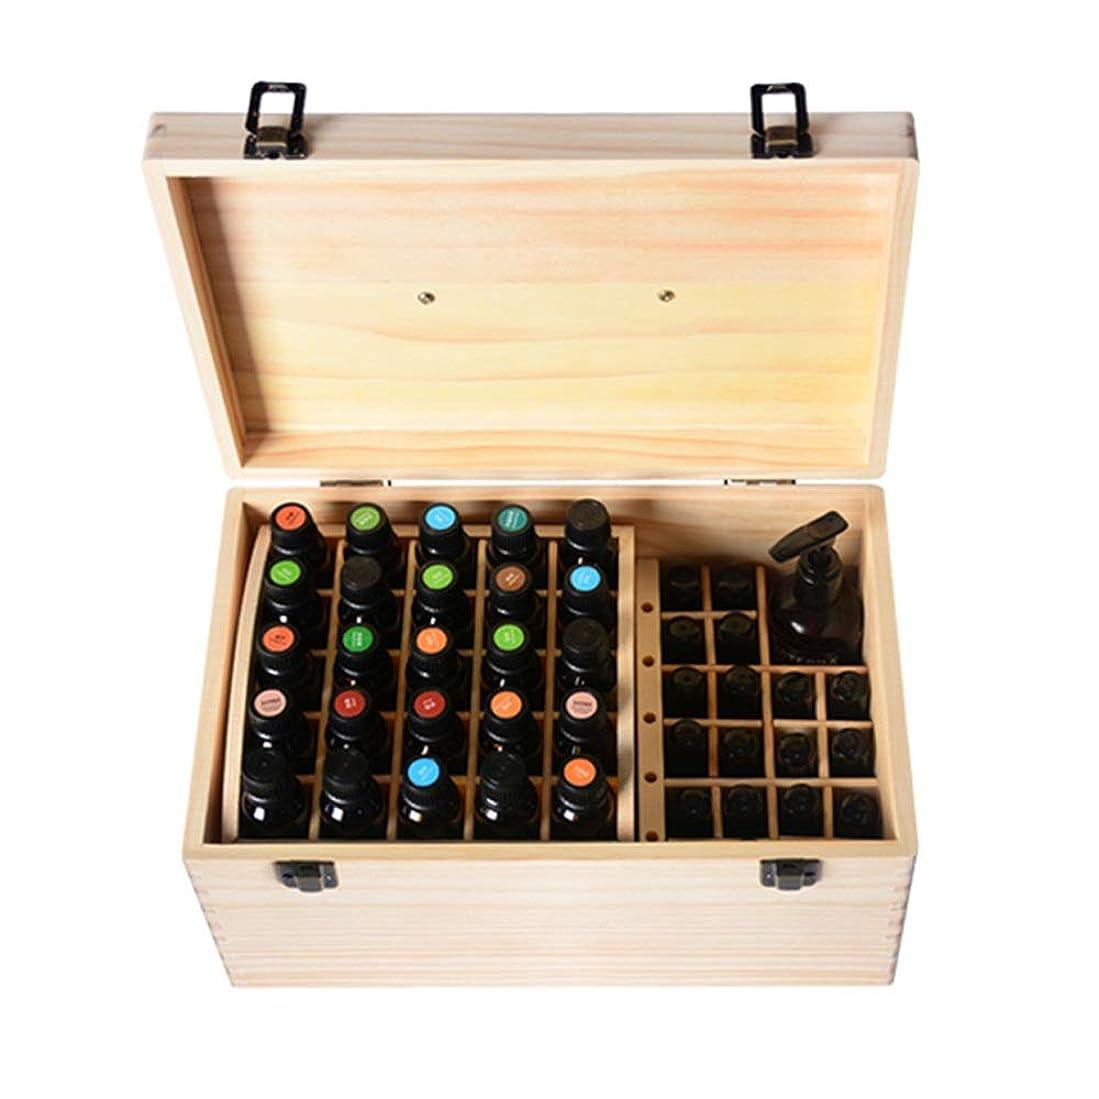 悪のコークスフォルダエッセンシャルオイルストレージボックス 74スロット木エッセンシャルオイルボックス収納ケース内部のリムーバブルは15/10 M1のボトルナチュラルパインを開催します 旅行およびプレゼンテーション用 (色 : Natural, サイズ : 35X20X16.5CM)